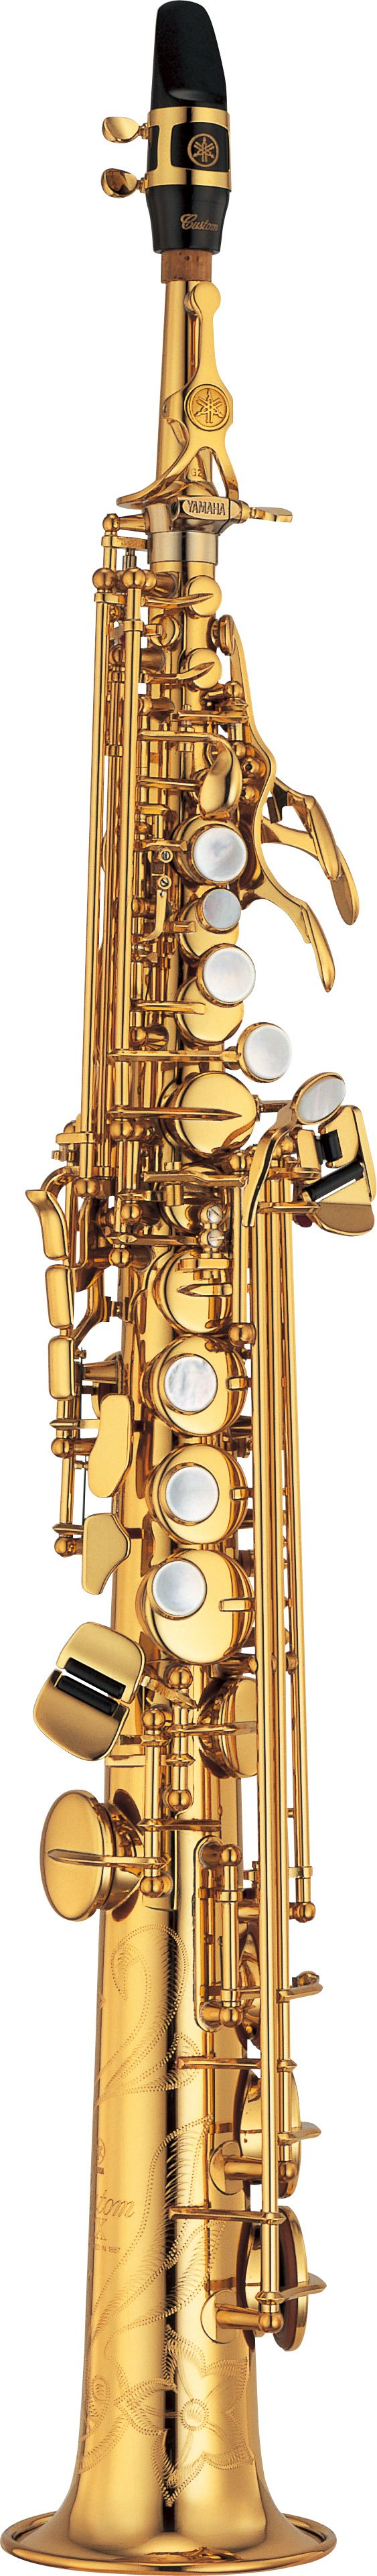 Yamaha - YSS-875-EX - gerade - Holzblasinstrumente - Saxophone | MUSIK BERTRAM Deutschland Freiburg